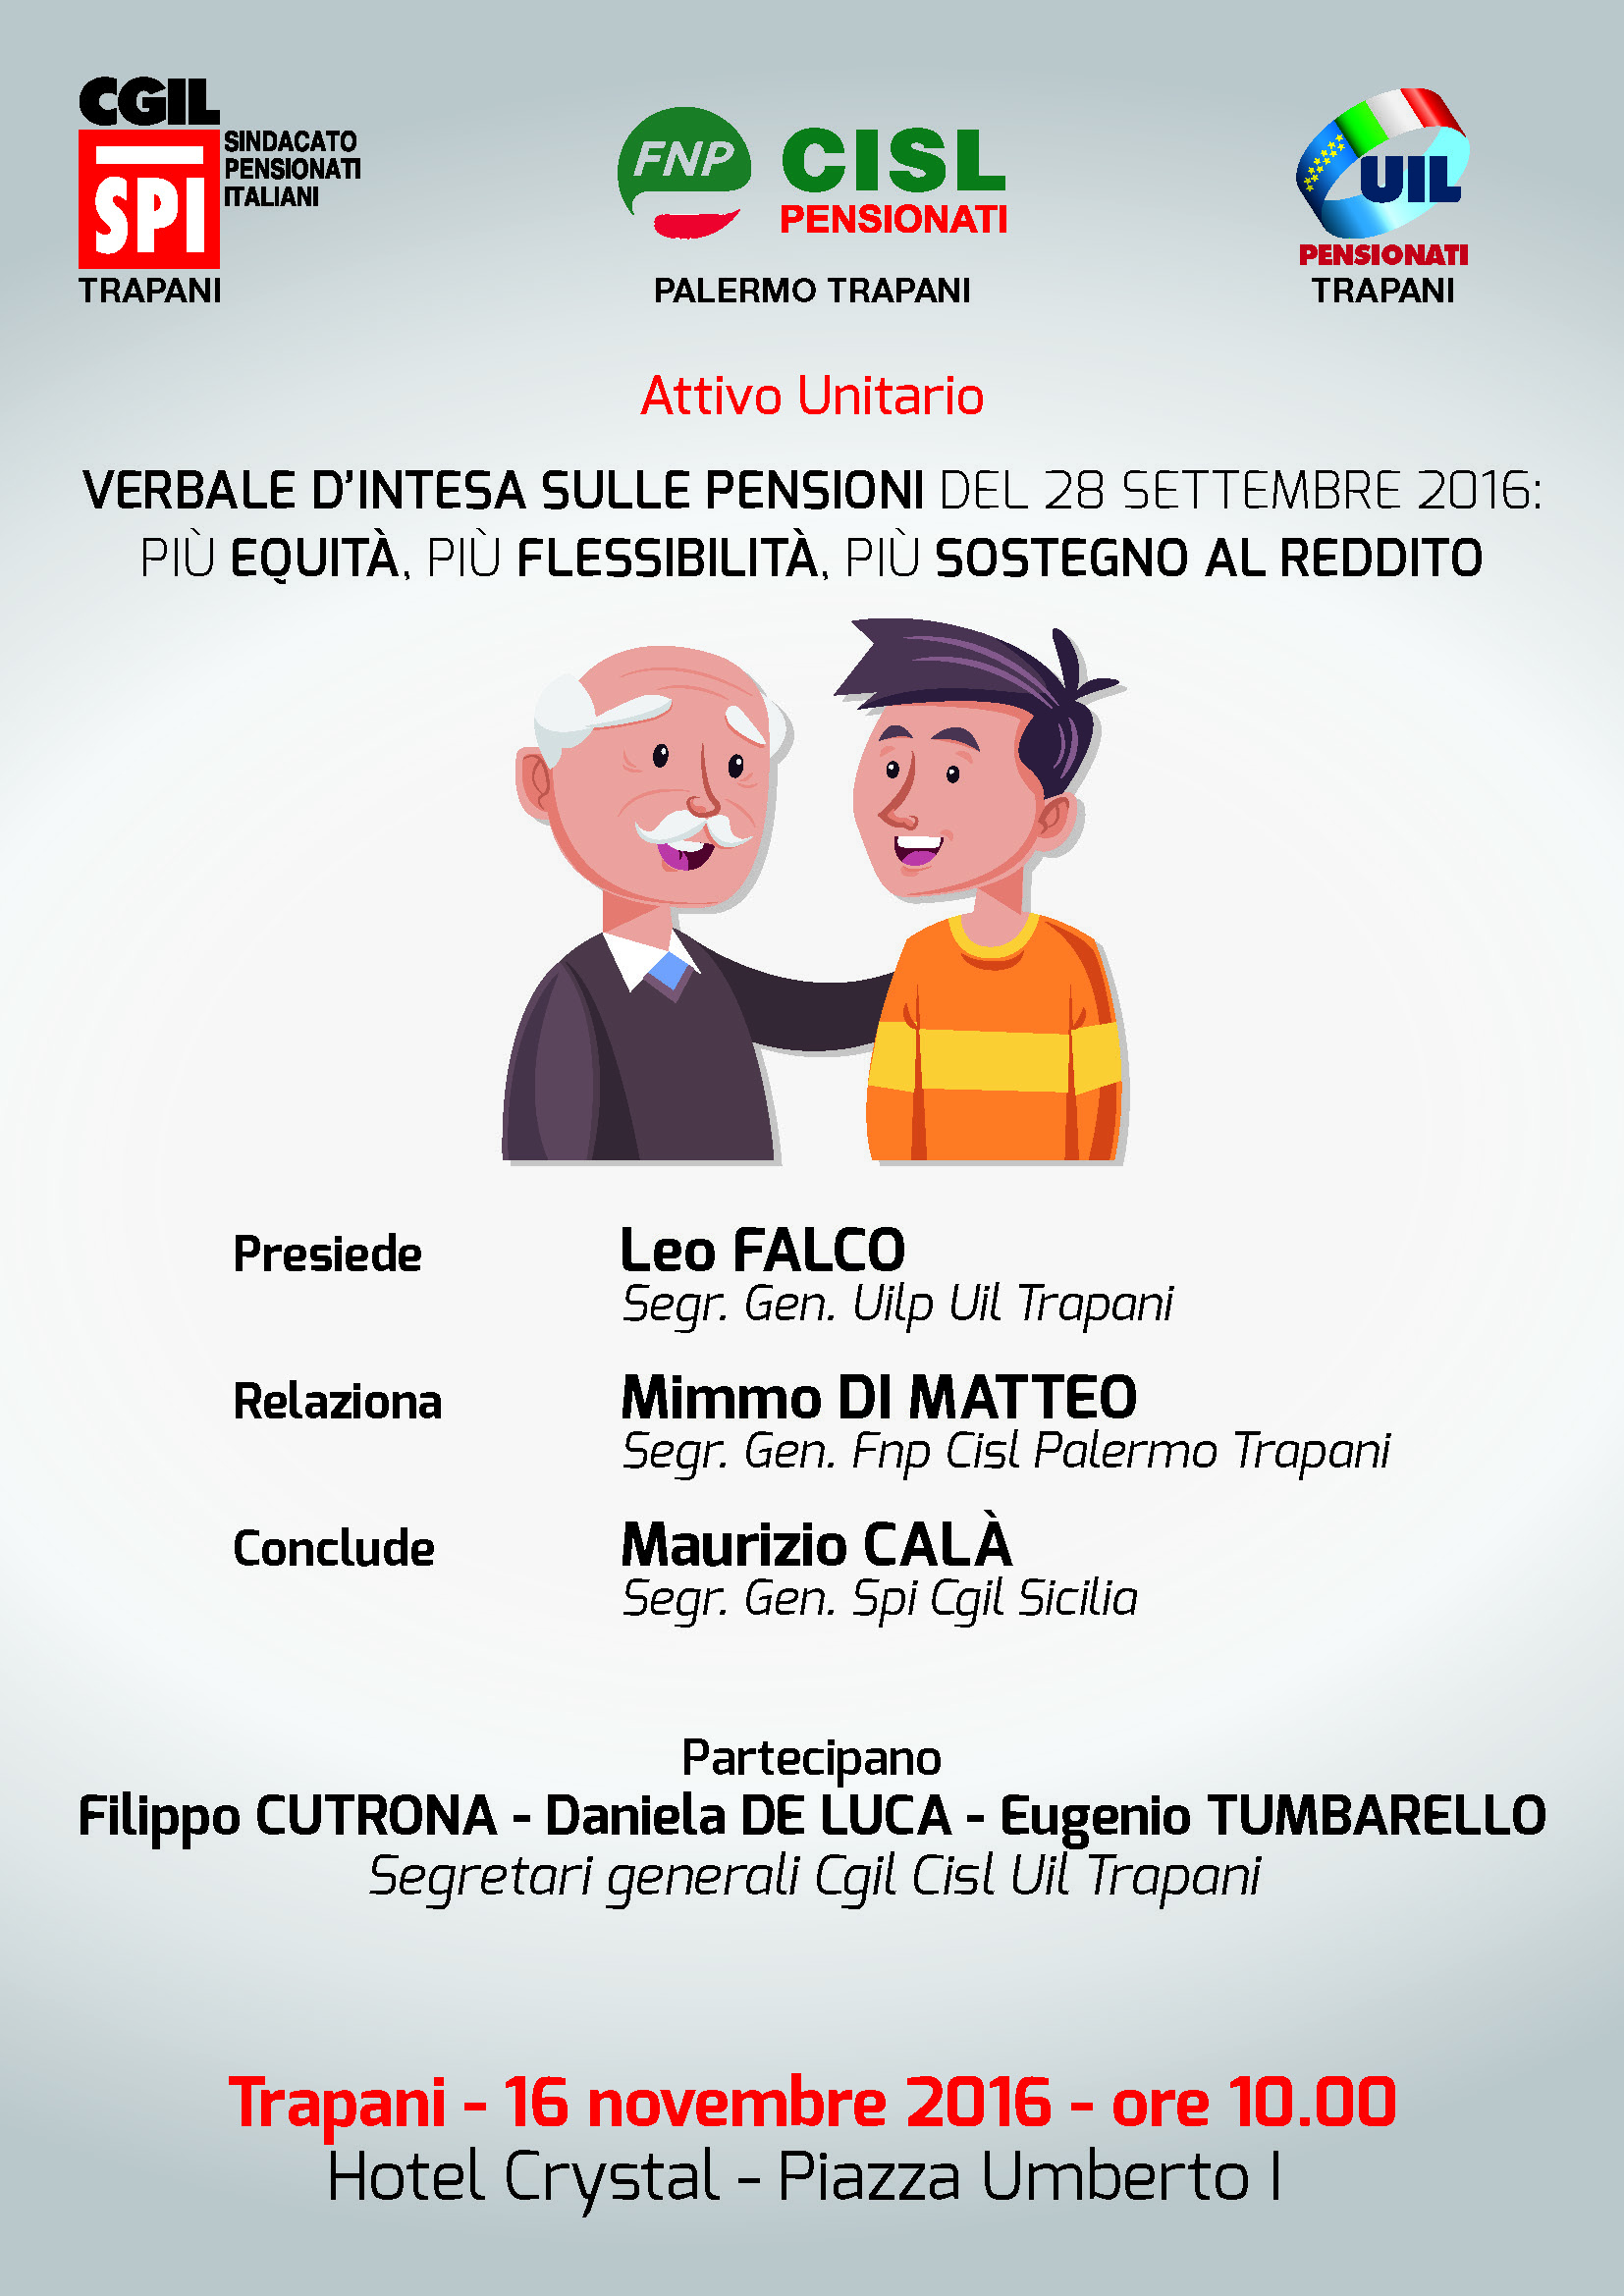 ATTIVO UNITARIO PENSIONATI TRAPANI 16102016